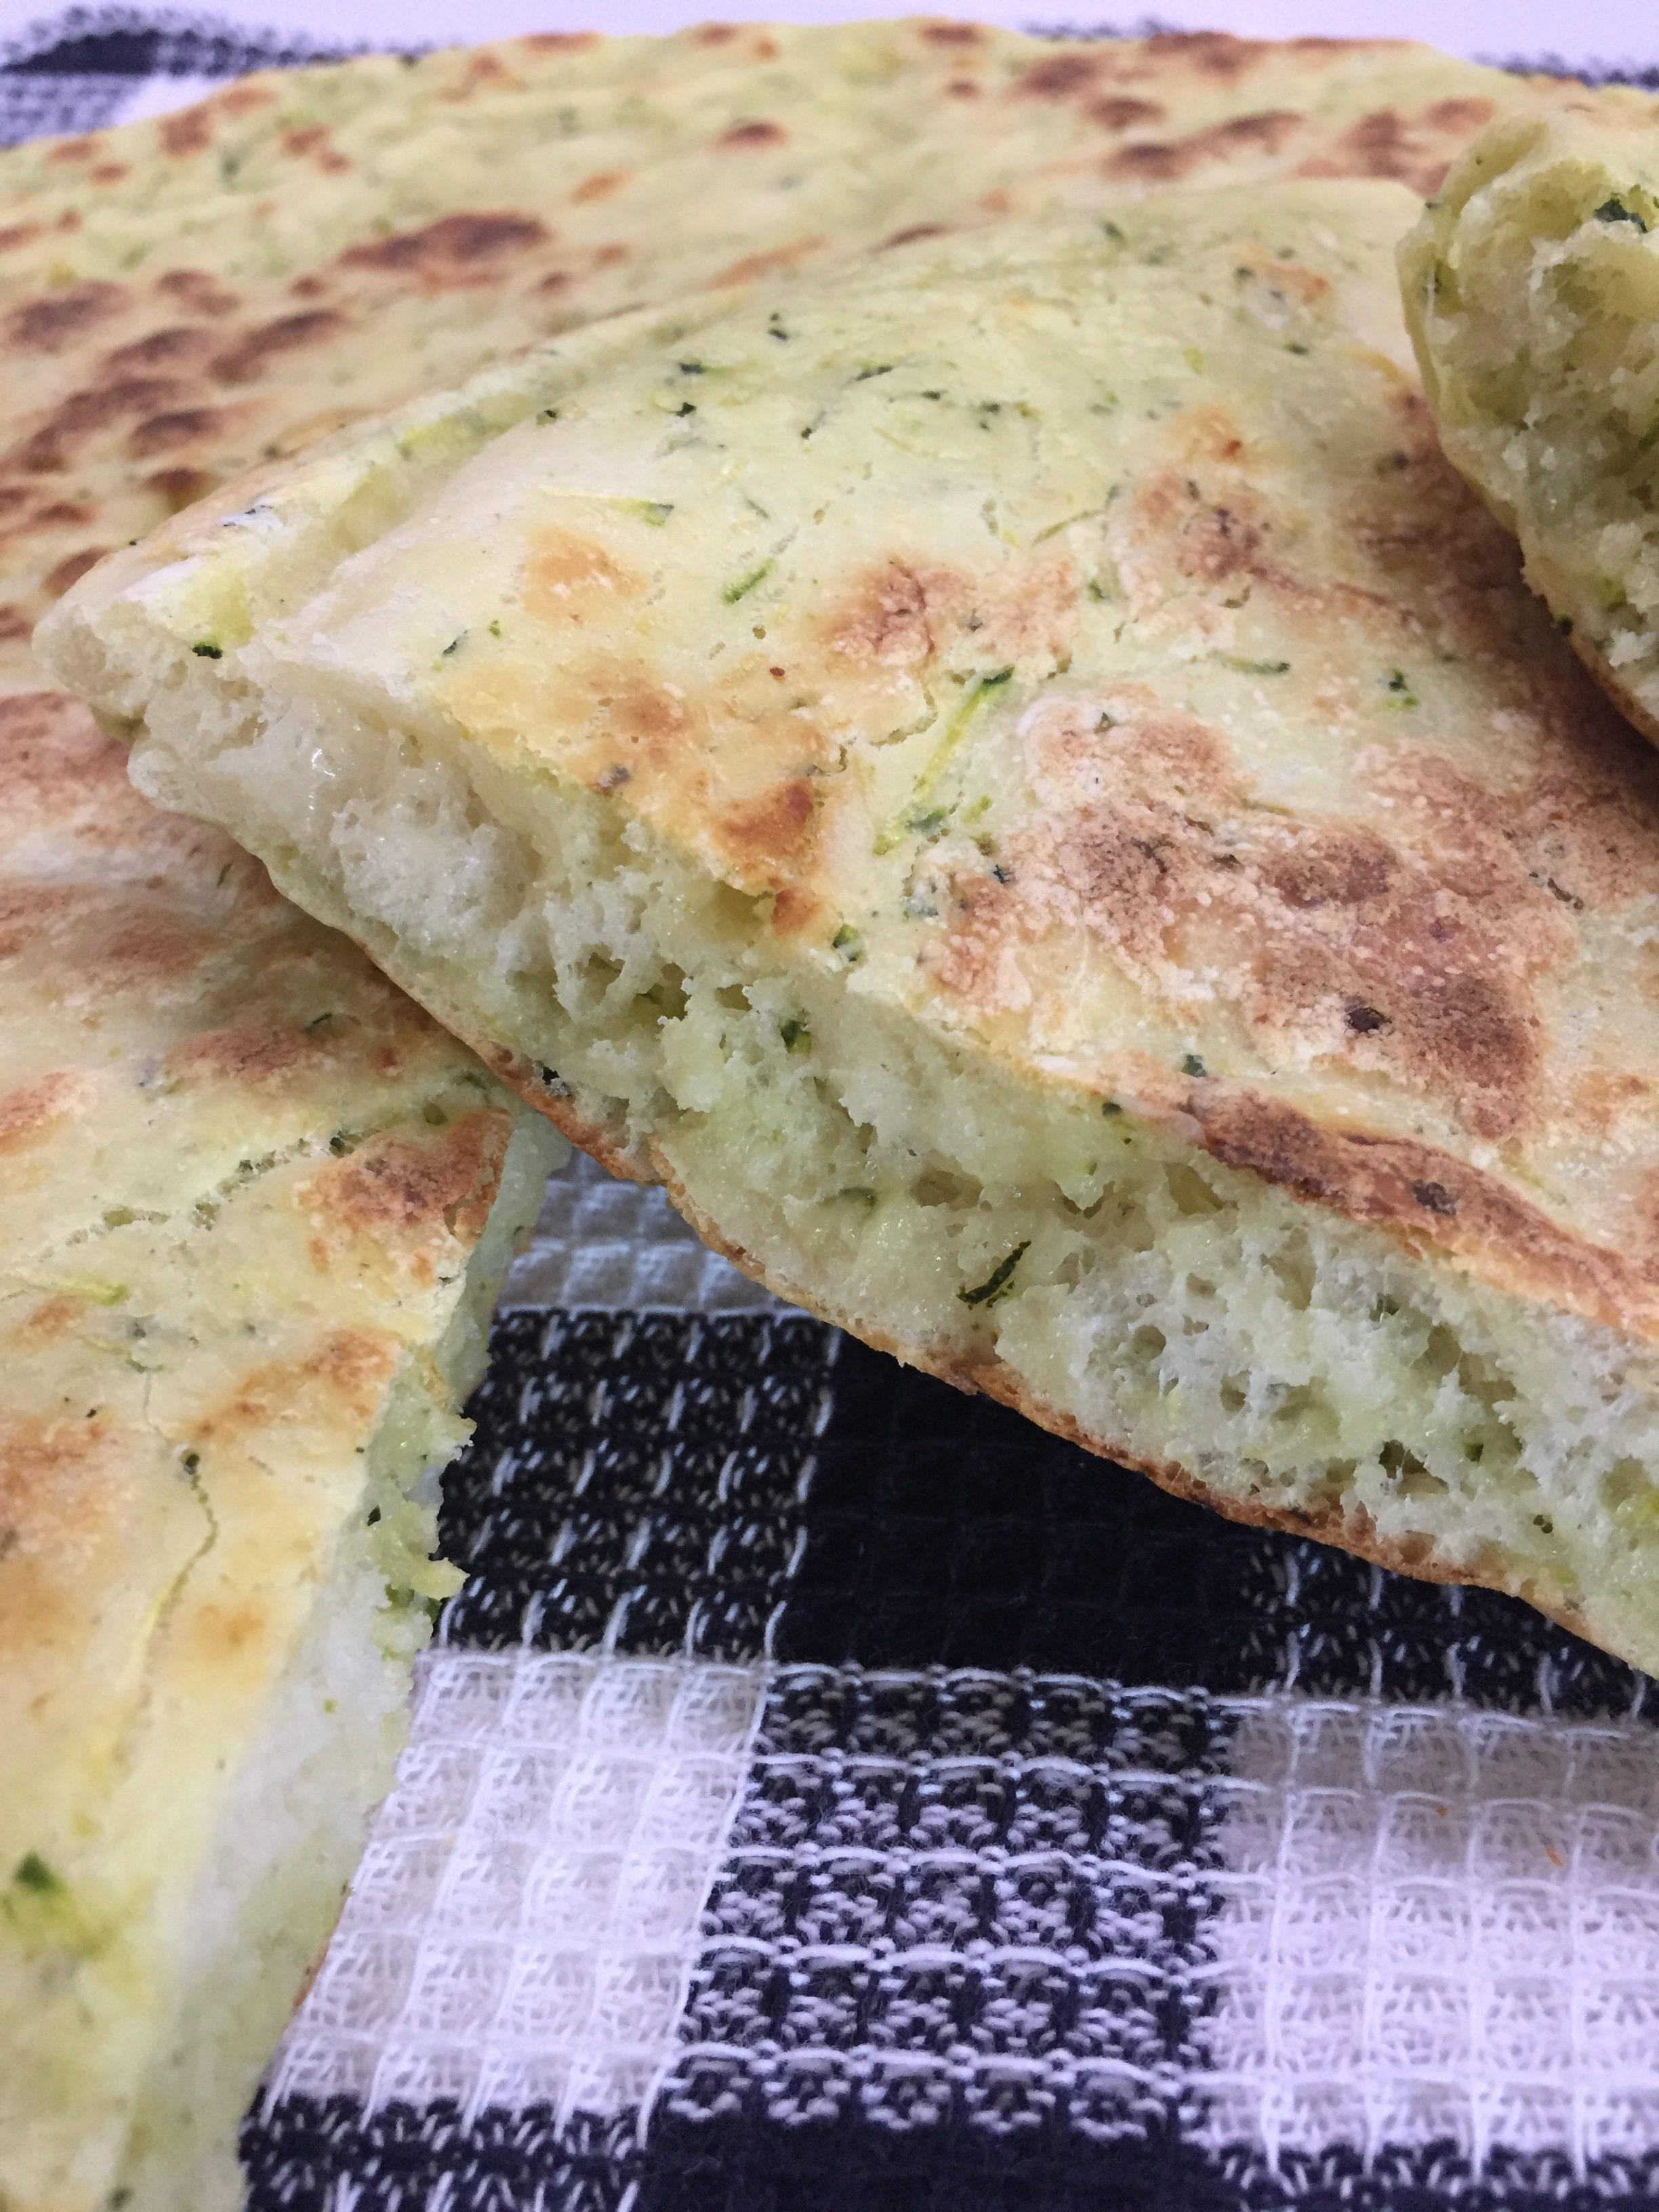 Schiacciata di zucchine in padella blog di cucinachepassione for Cucinare zucchine in padella